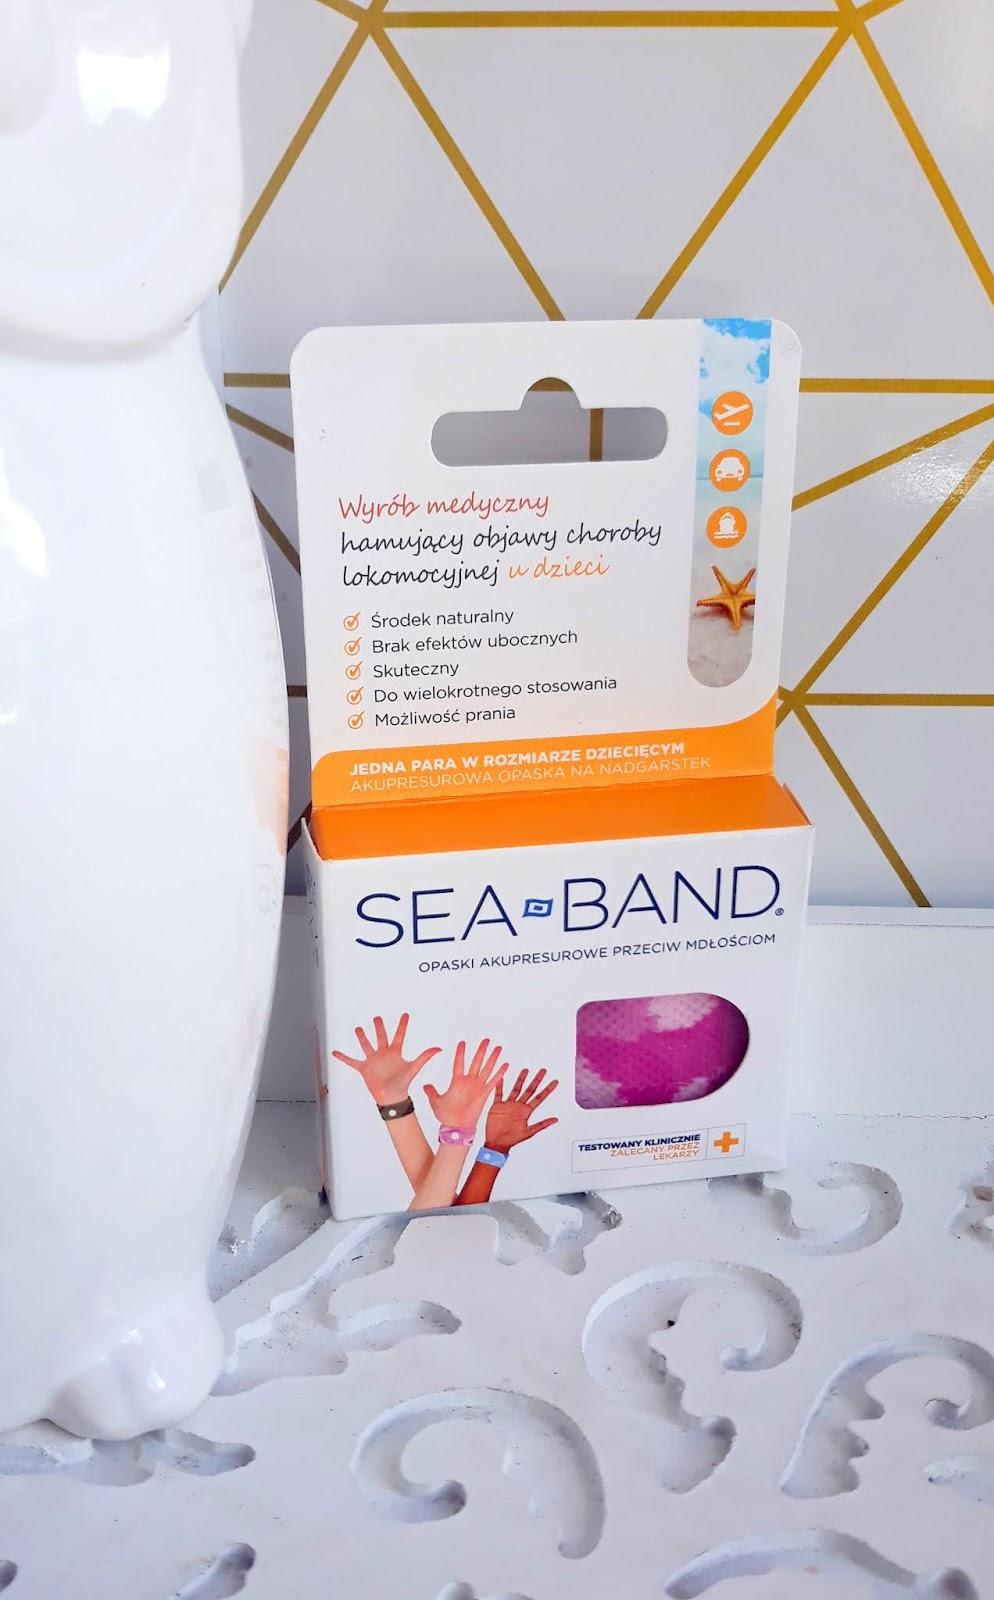 SEA-BAND opaski akupresurowe niwelujące mdłości